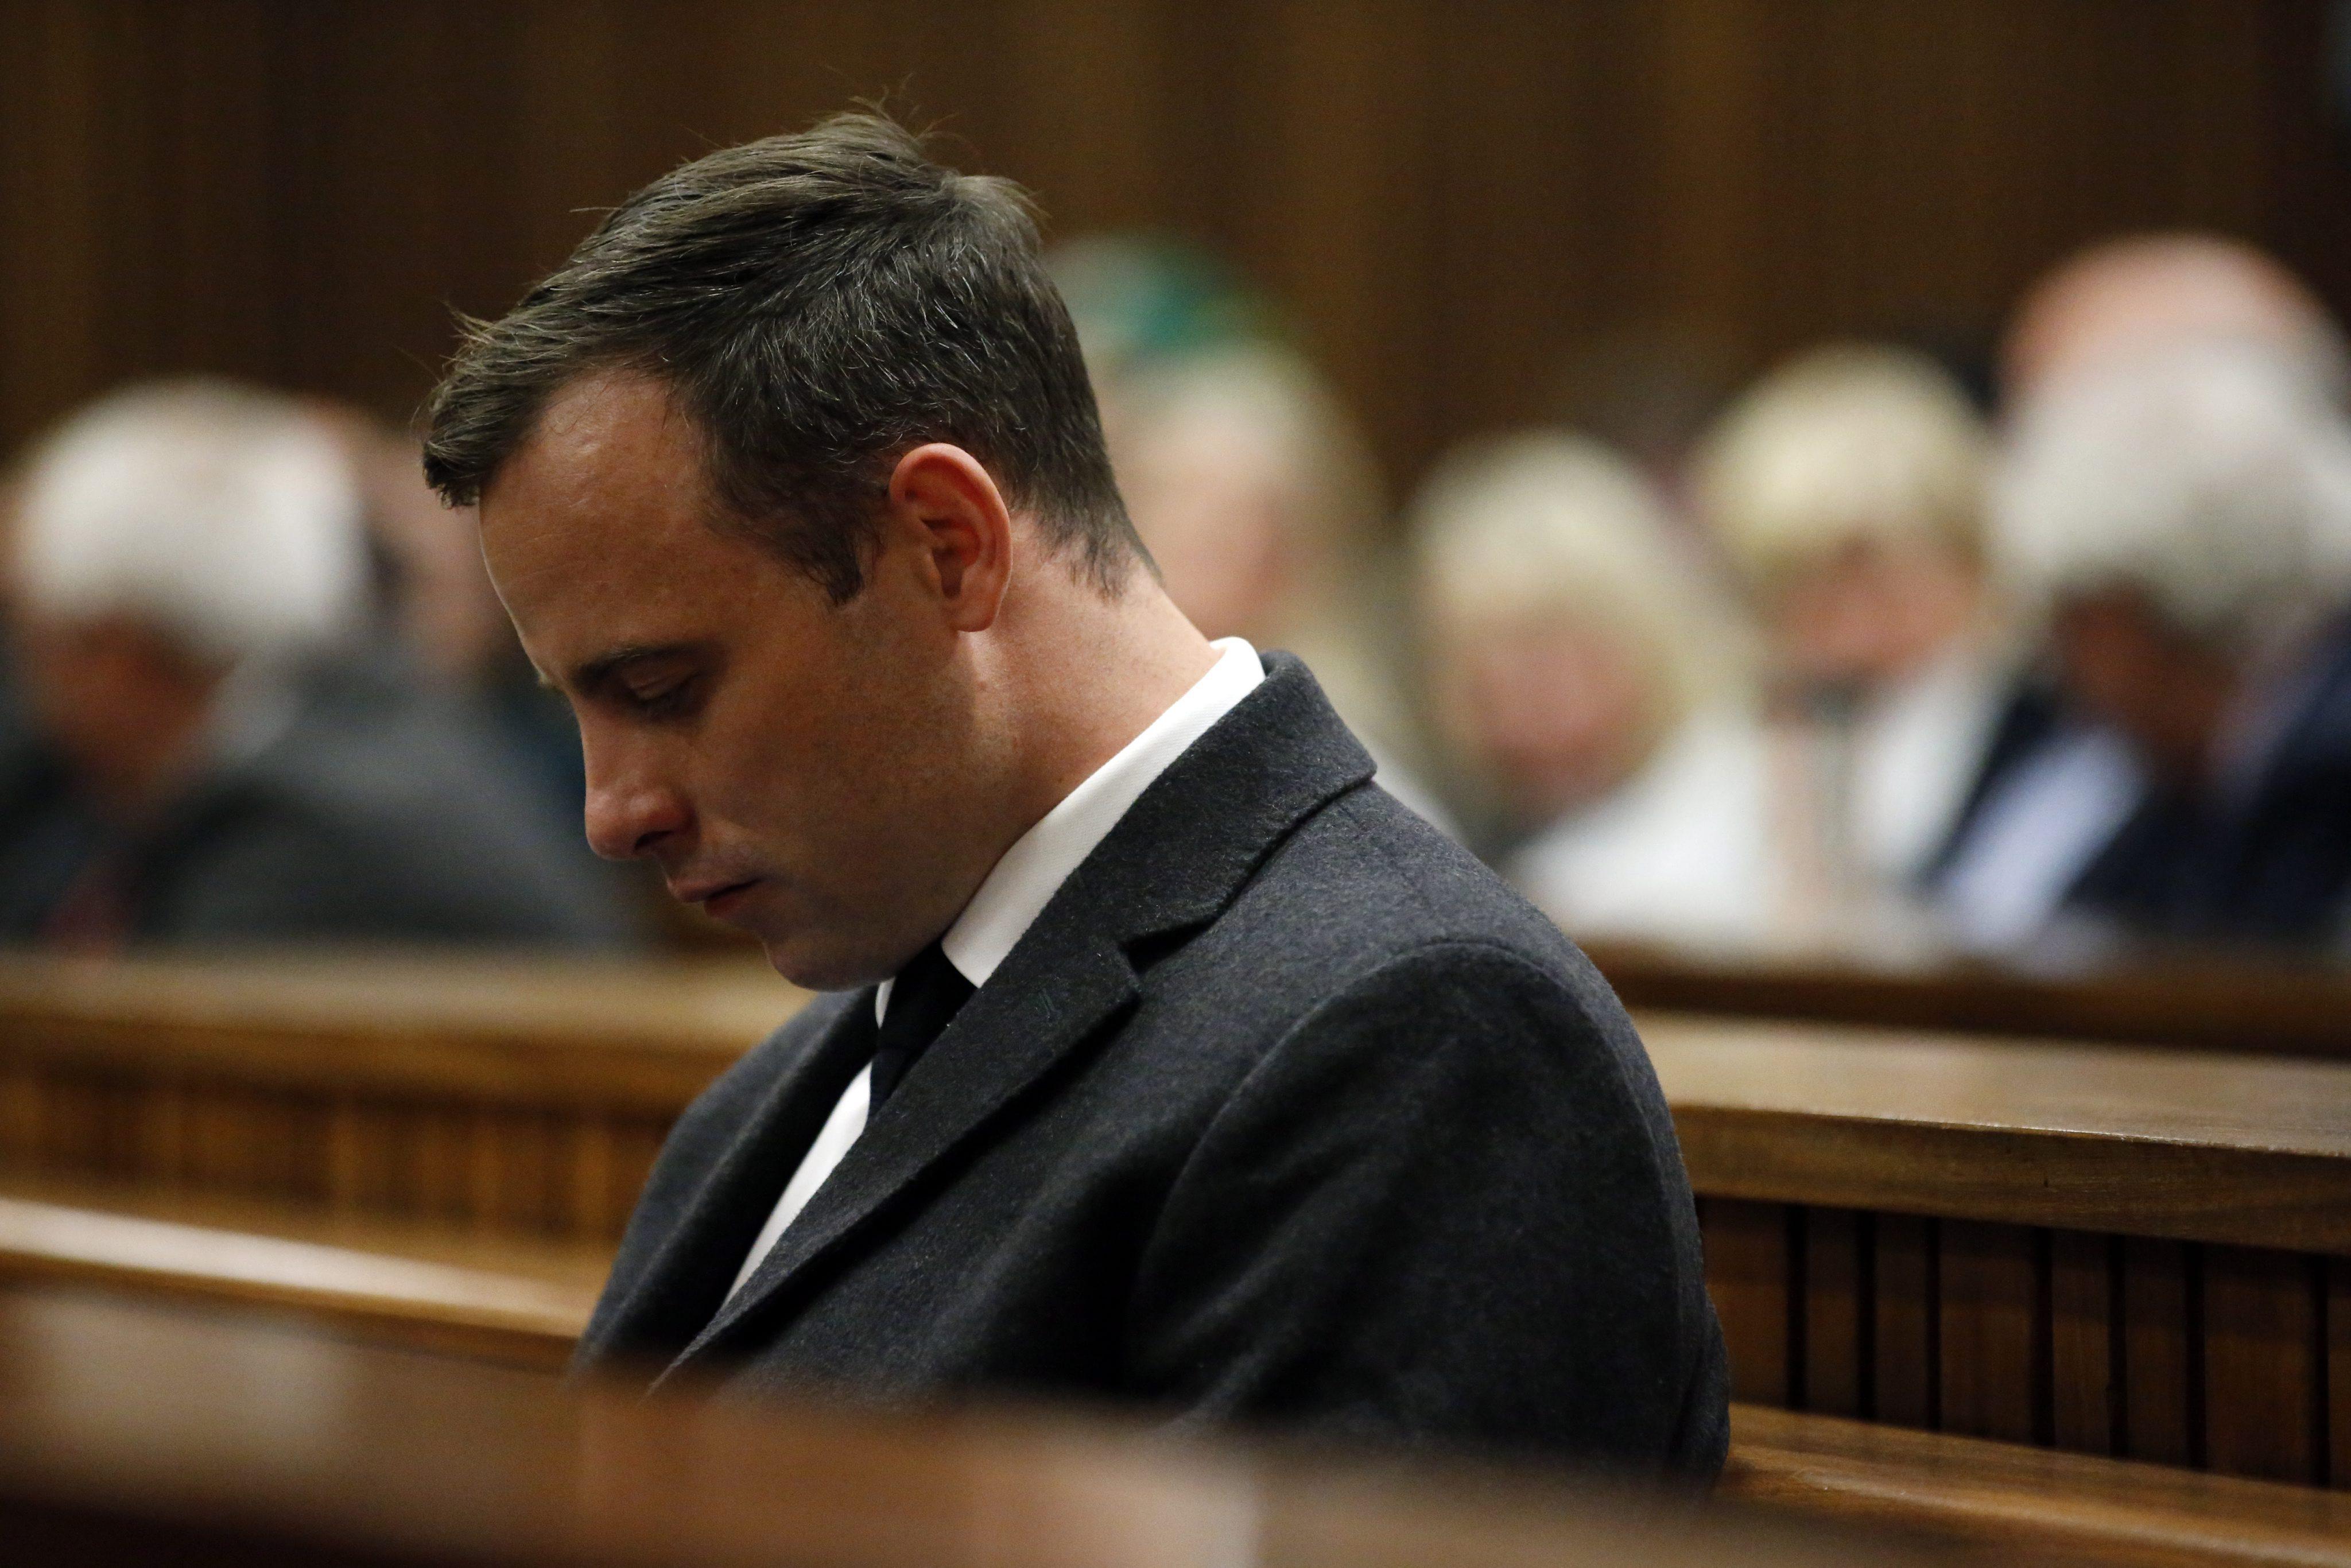 Condamnarea în cazul lui Oscar Pistorius, dublată